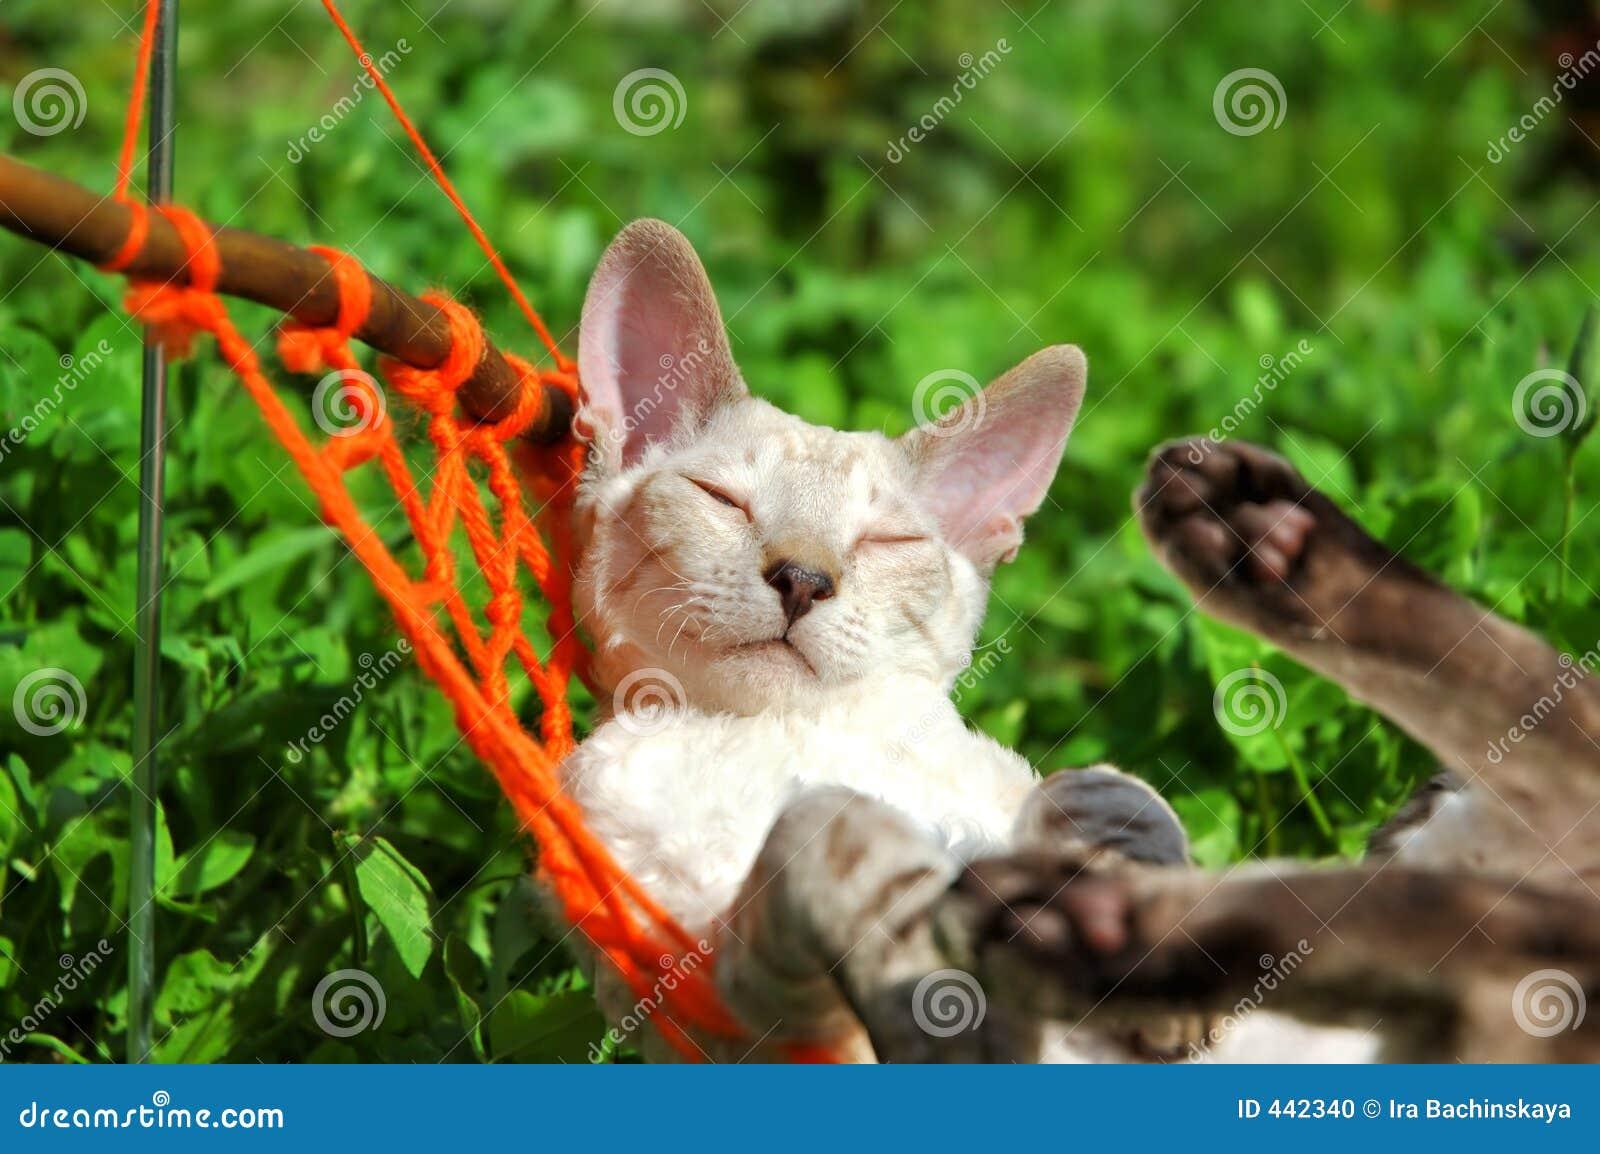 Kat op weekend